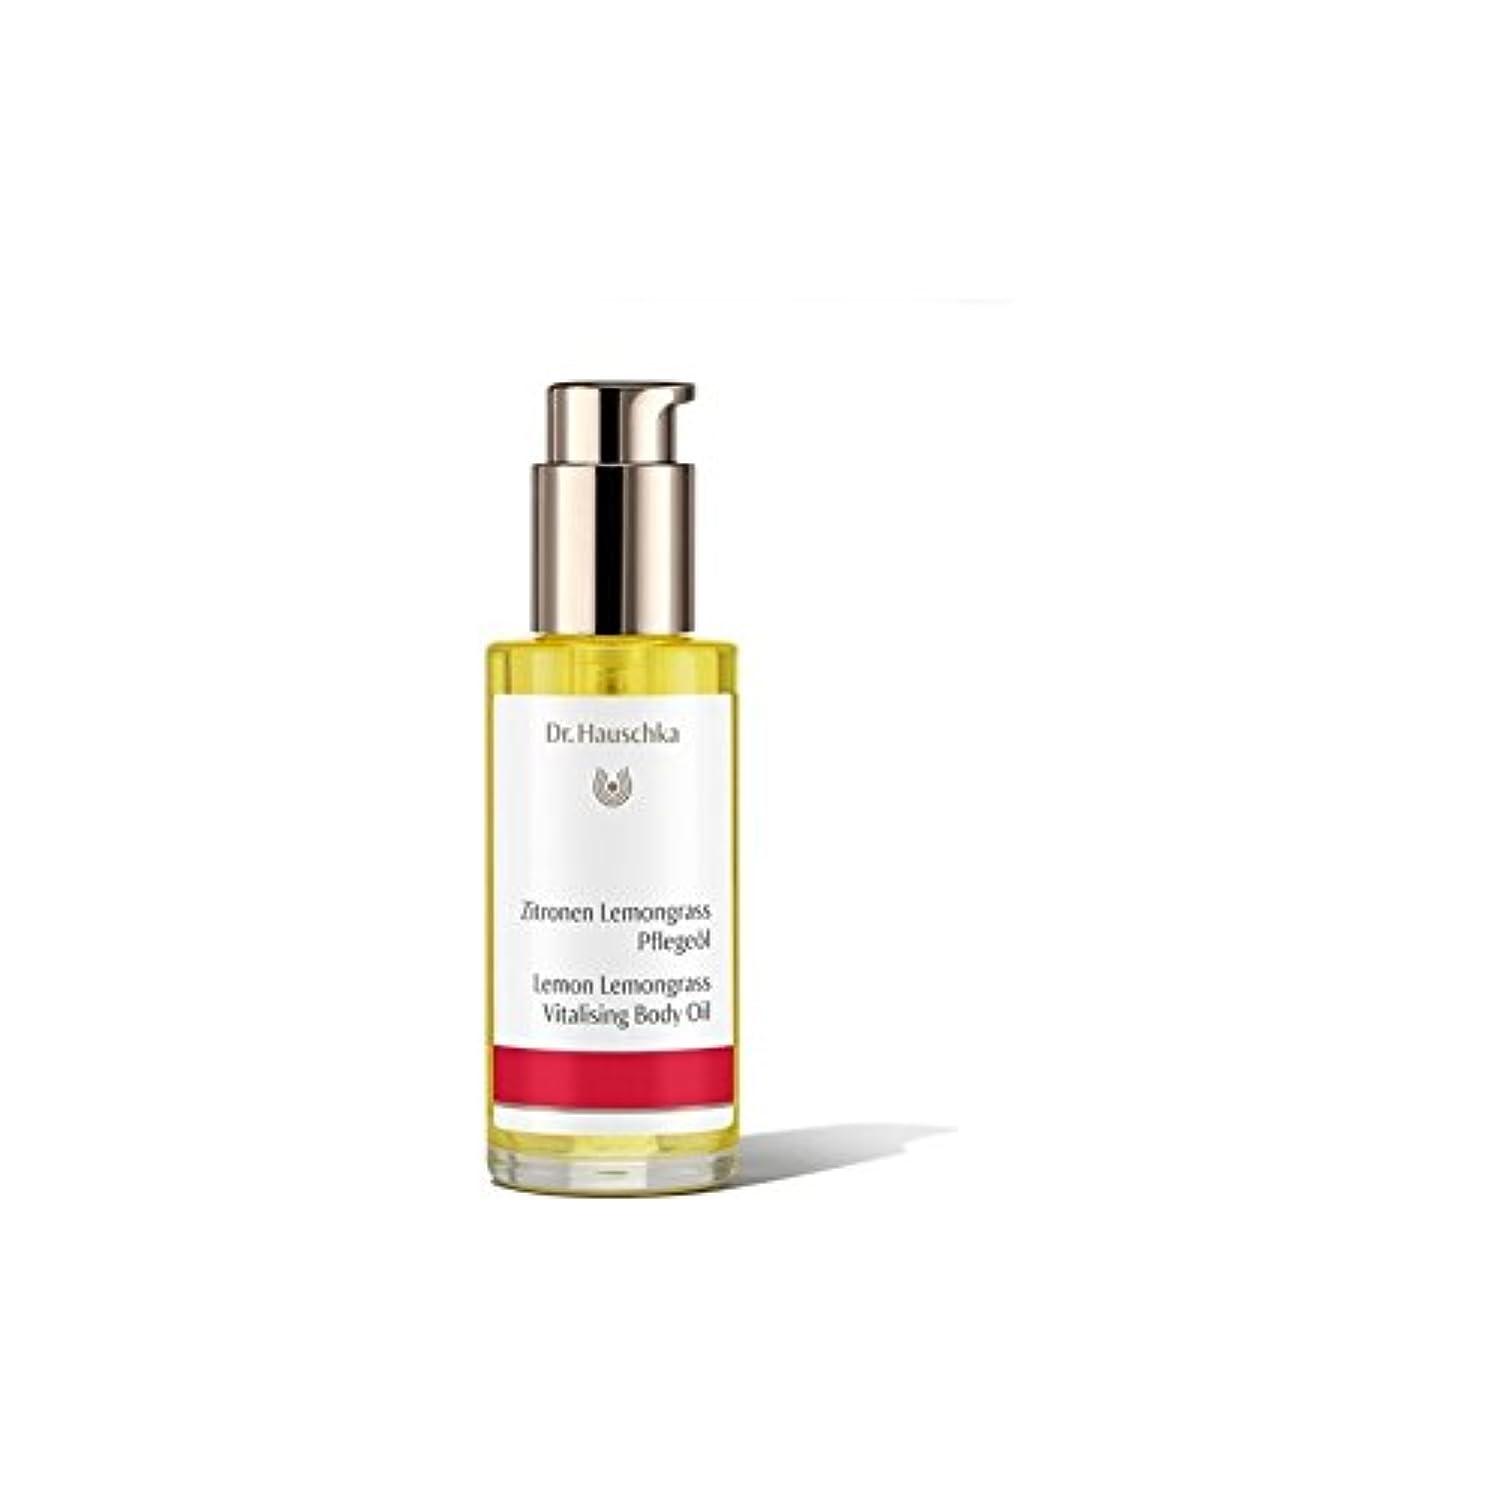 世界記録のギネスブック経由で国籍ハウシュカレモンレモングラスボディオイル(75ミリリットル) x2 - Dr. Hauschka Lemon Lemongrass Vitalising Body Oil (75ml) (Pack of 2) [並行輸入品]